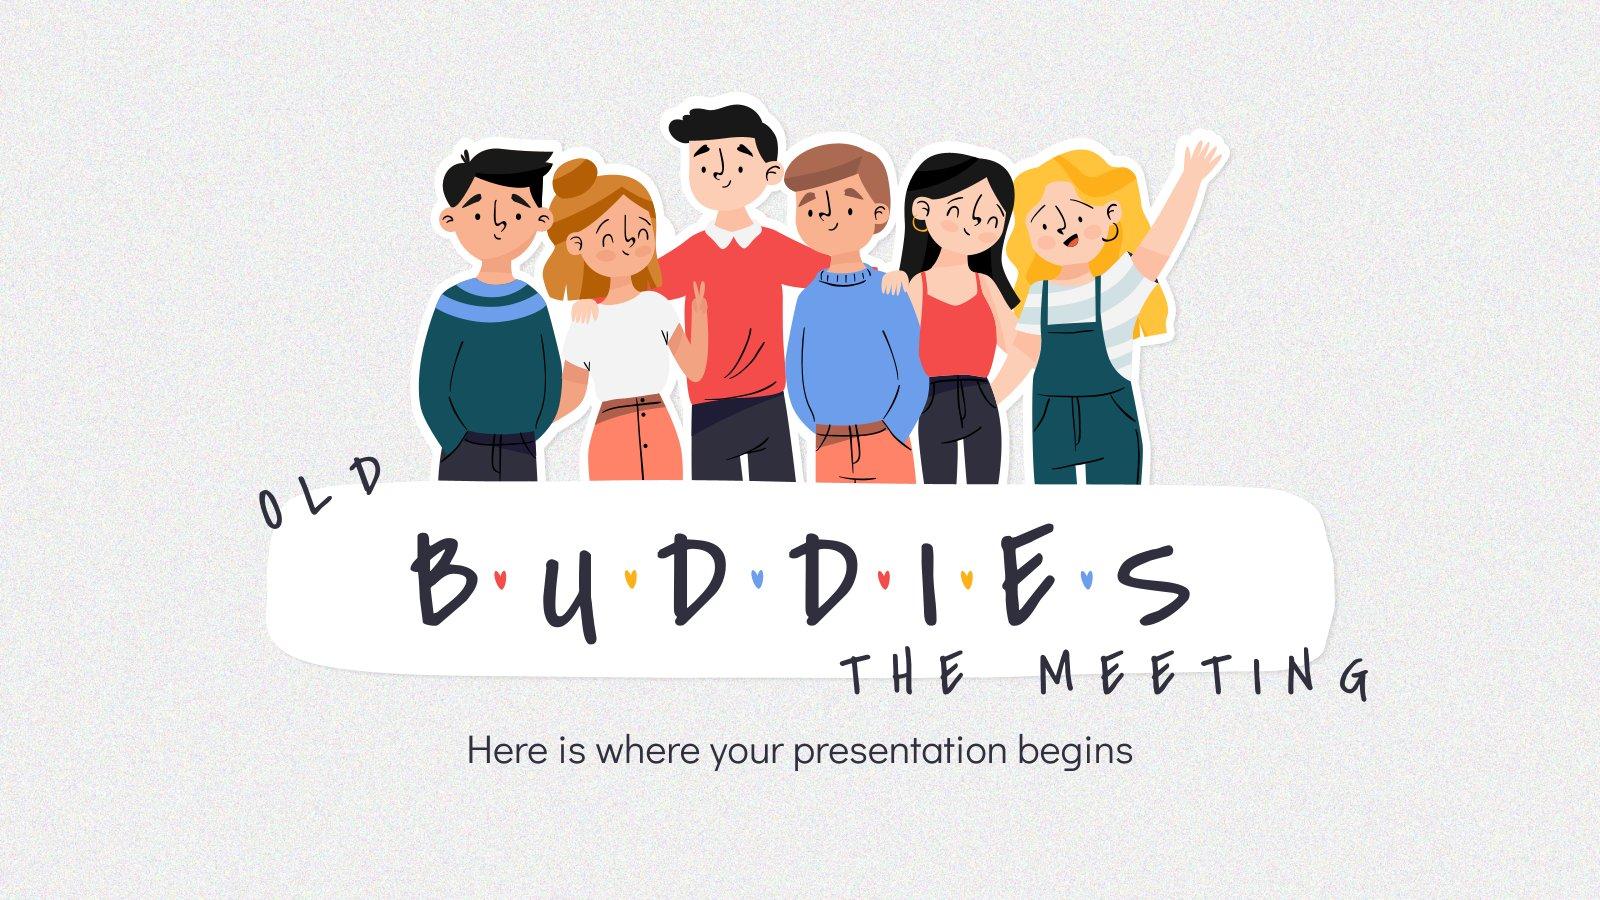 Old Buddies : Les retrouvailles : Modèles de présentation